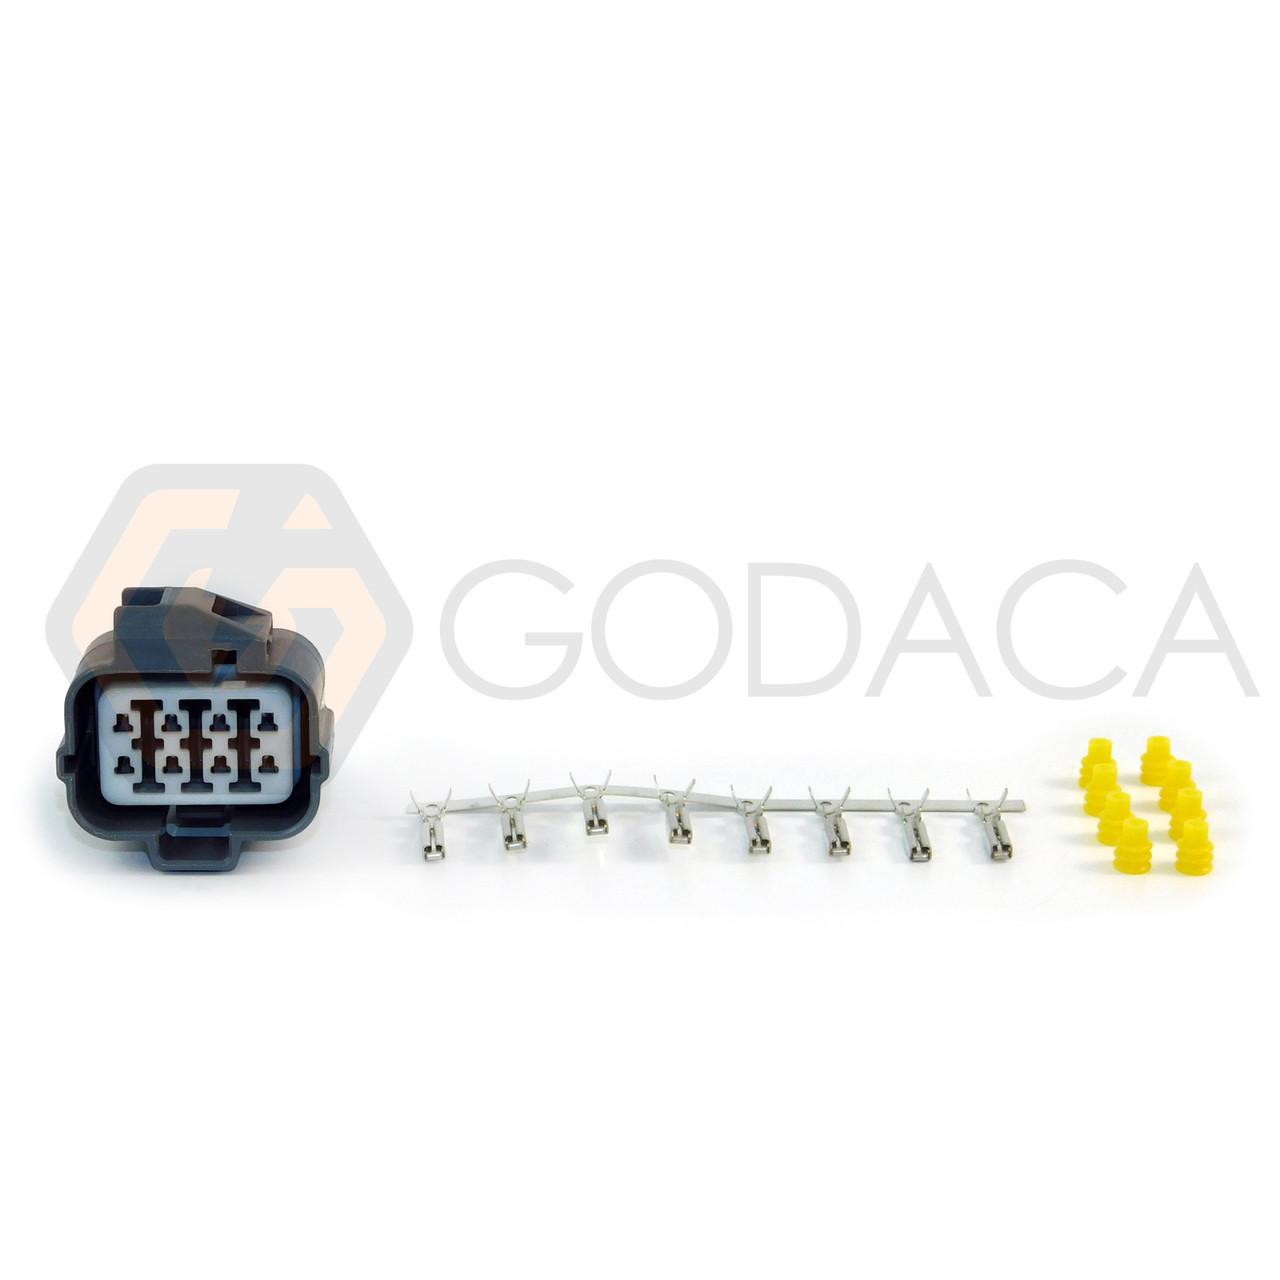 1 x 8-way Honda Acura Distributor repair connector pigtail Sensor OBD1 8pin